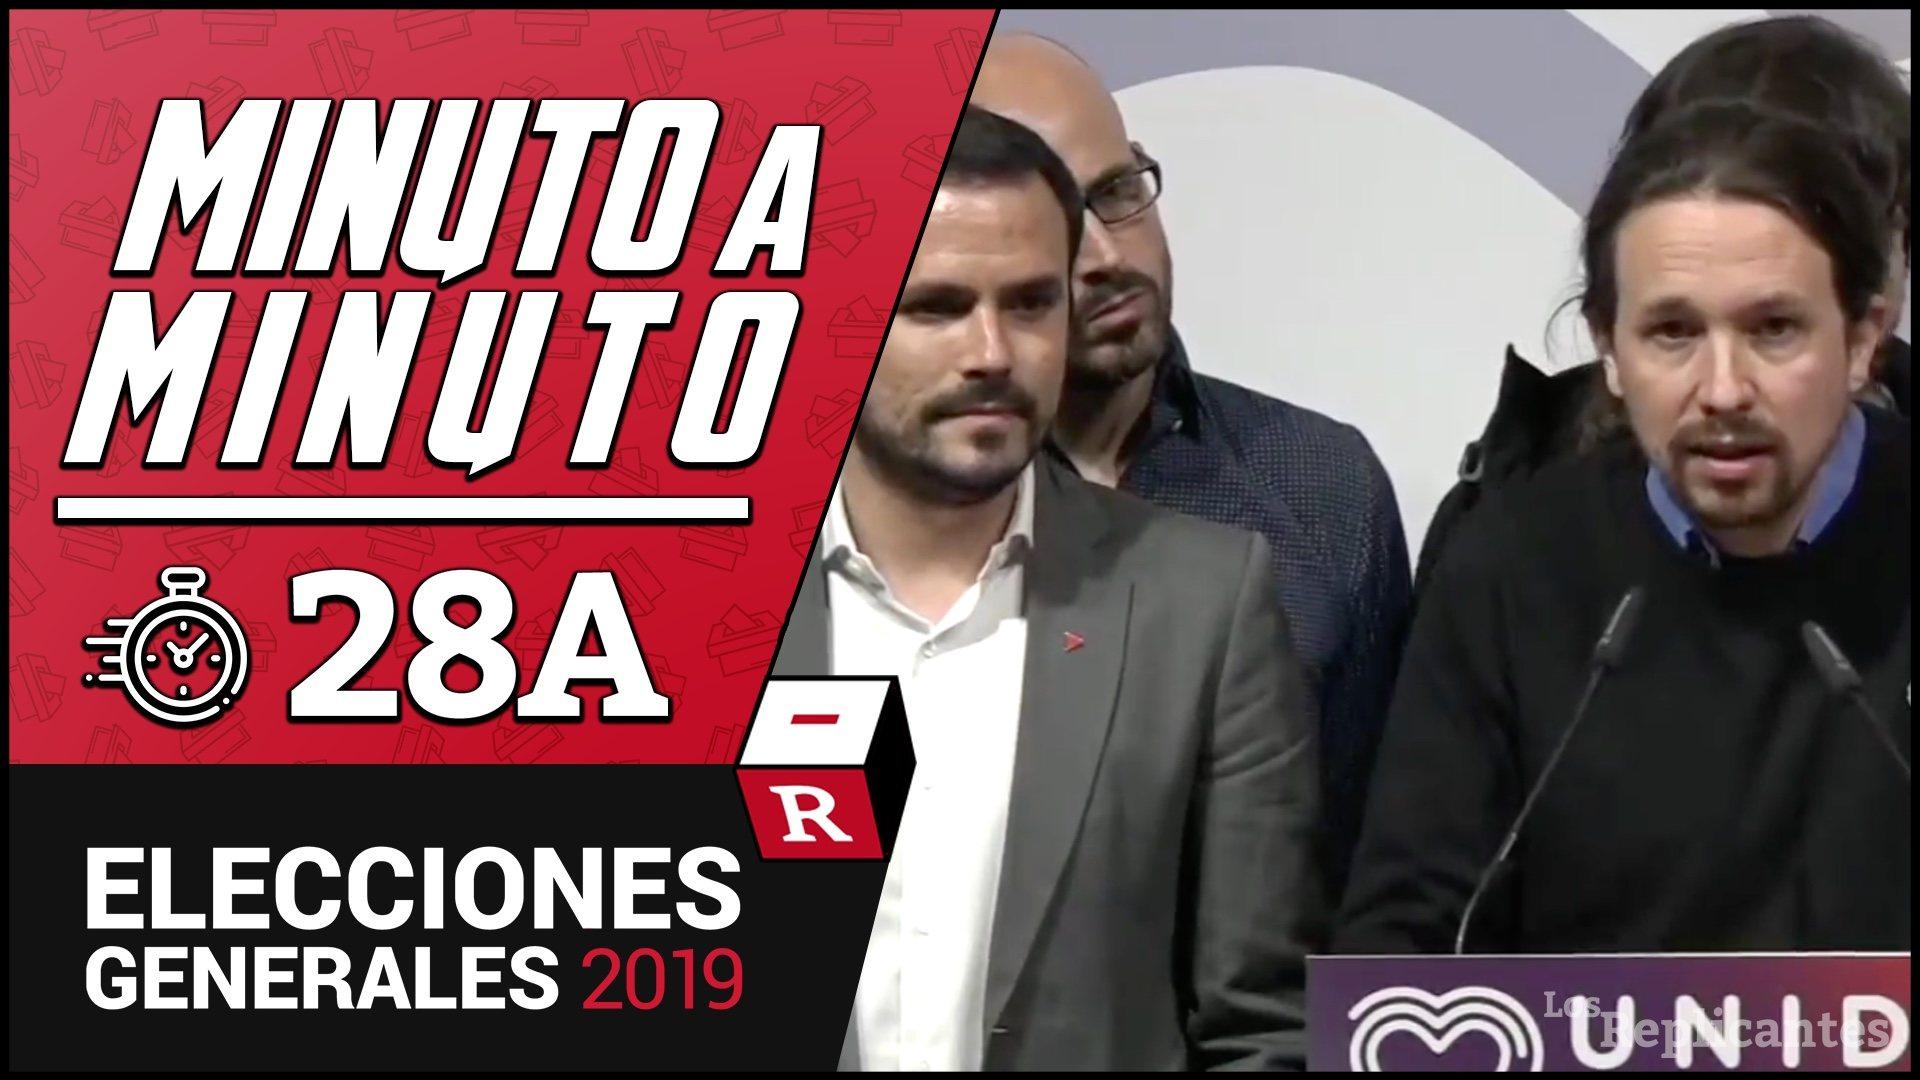 Pablo Iglesias tiende la mano a Pedro Sánchez para formar Gobierno y celebra la derrota de la derecha